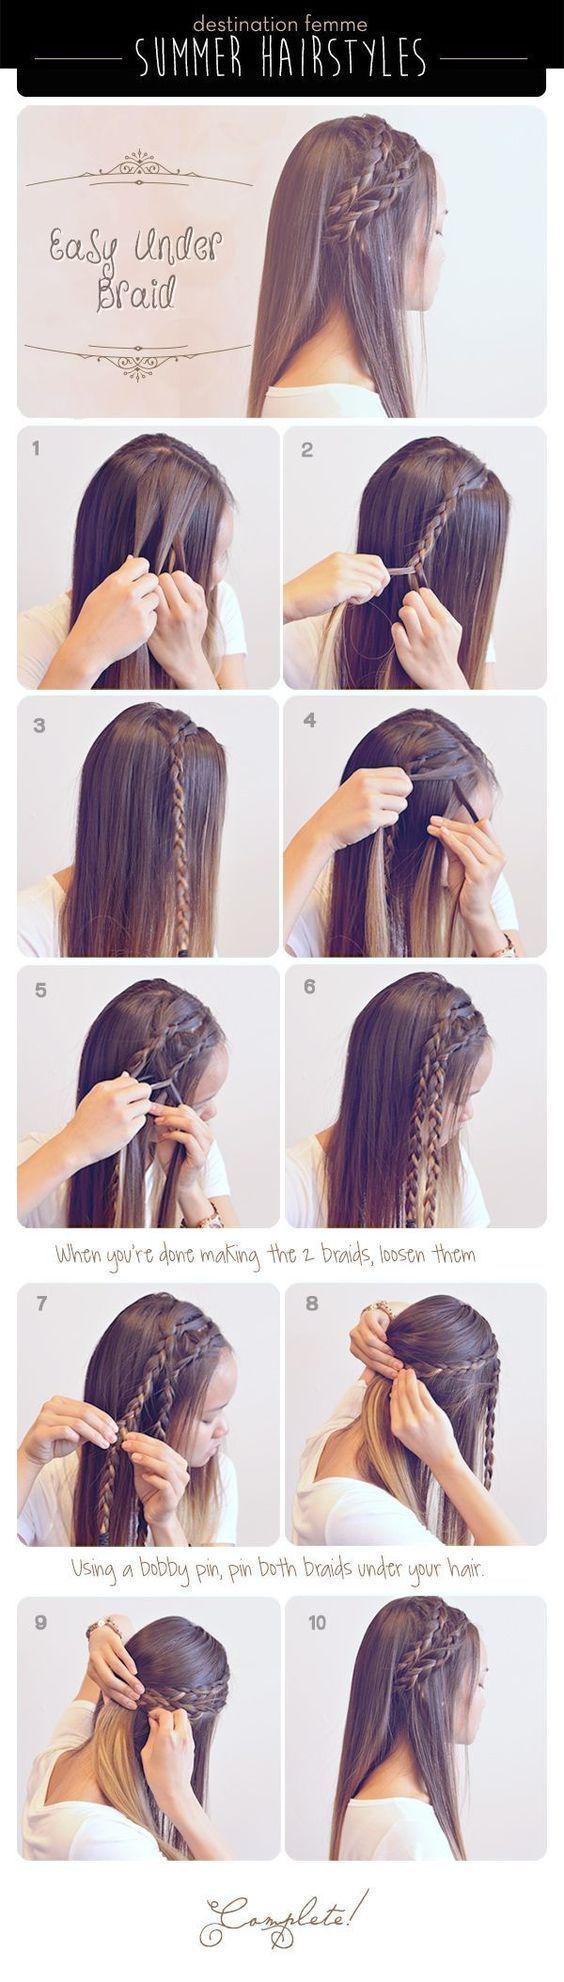 einfache und einfache Frisur-Tutorials für Ihren täglichen Look! #easyhairstyles